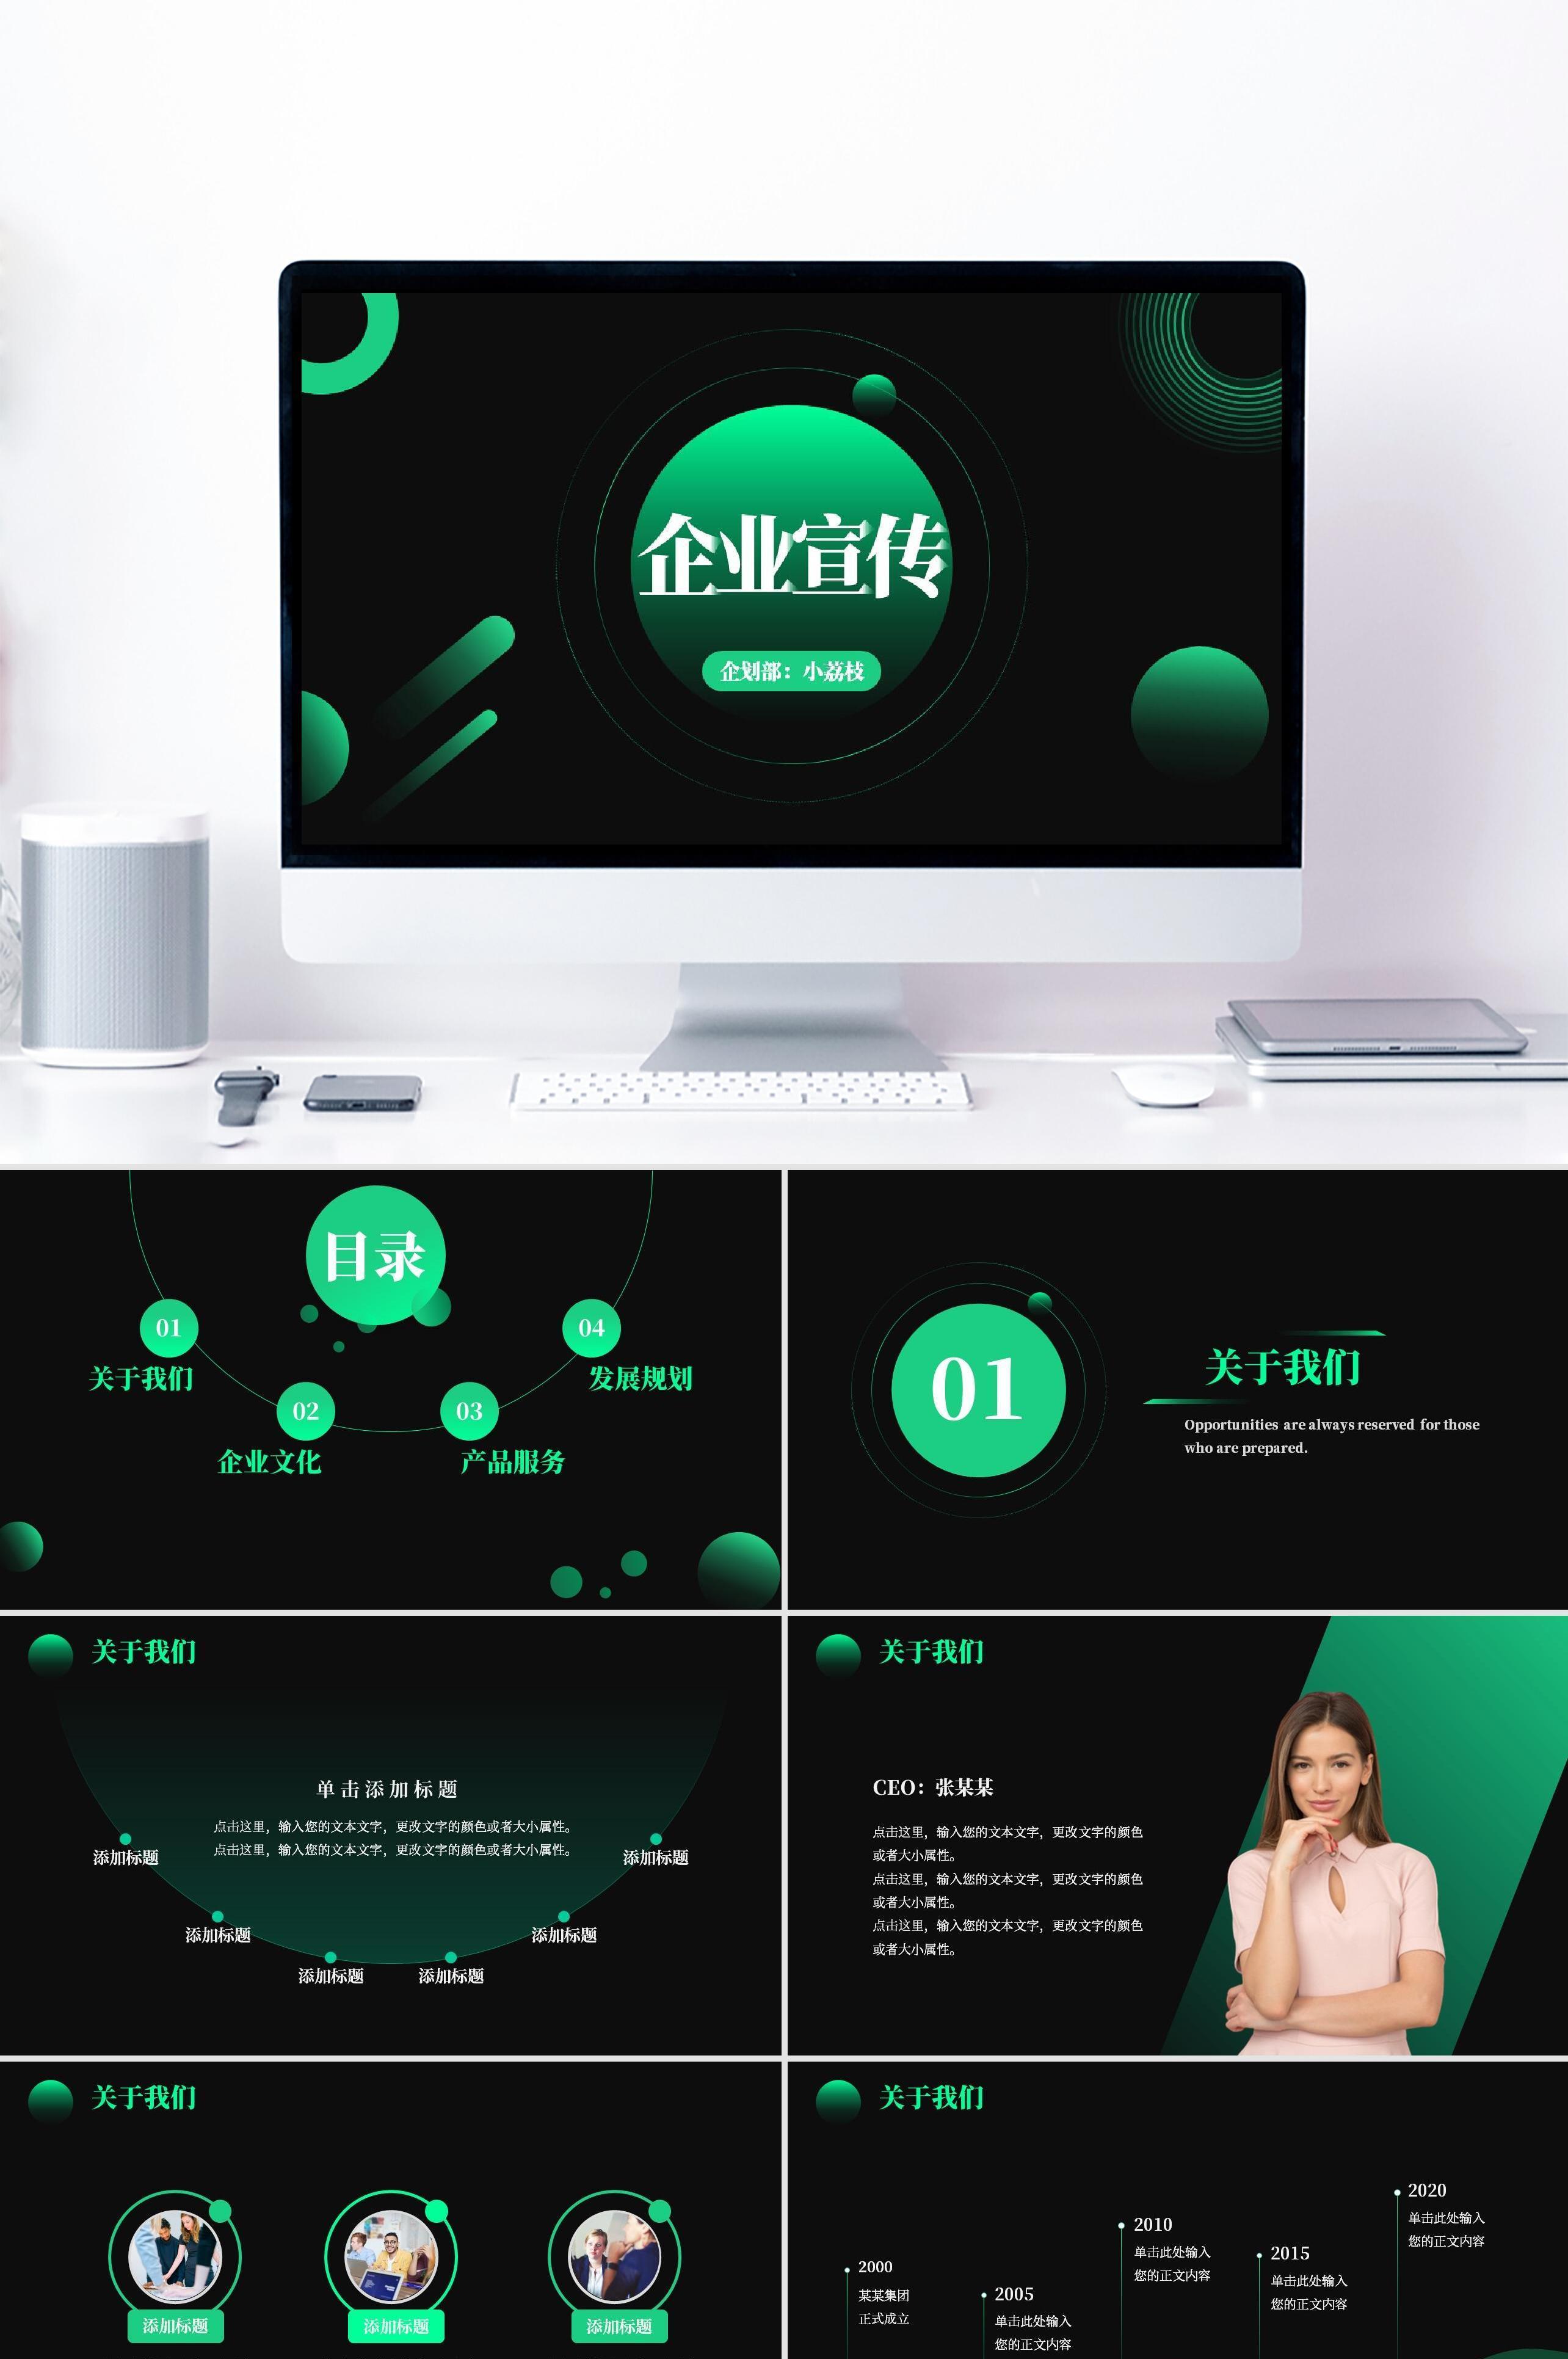 绿色科技风企业宣传公司介绍通用PPT模板